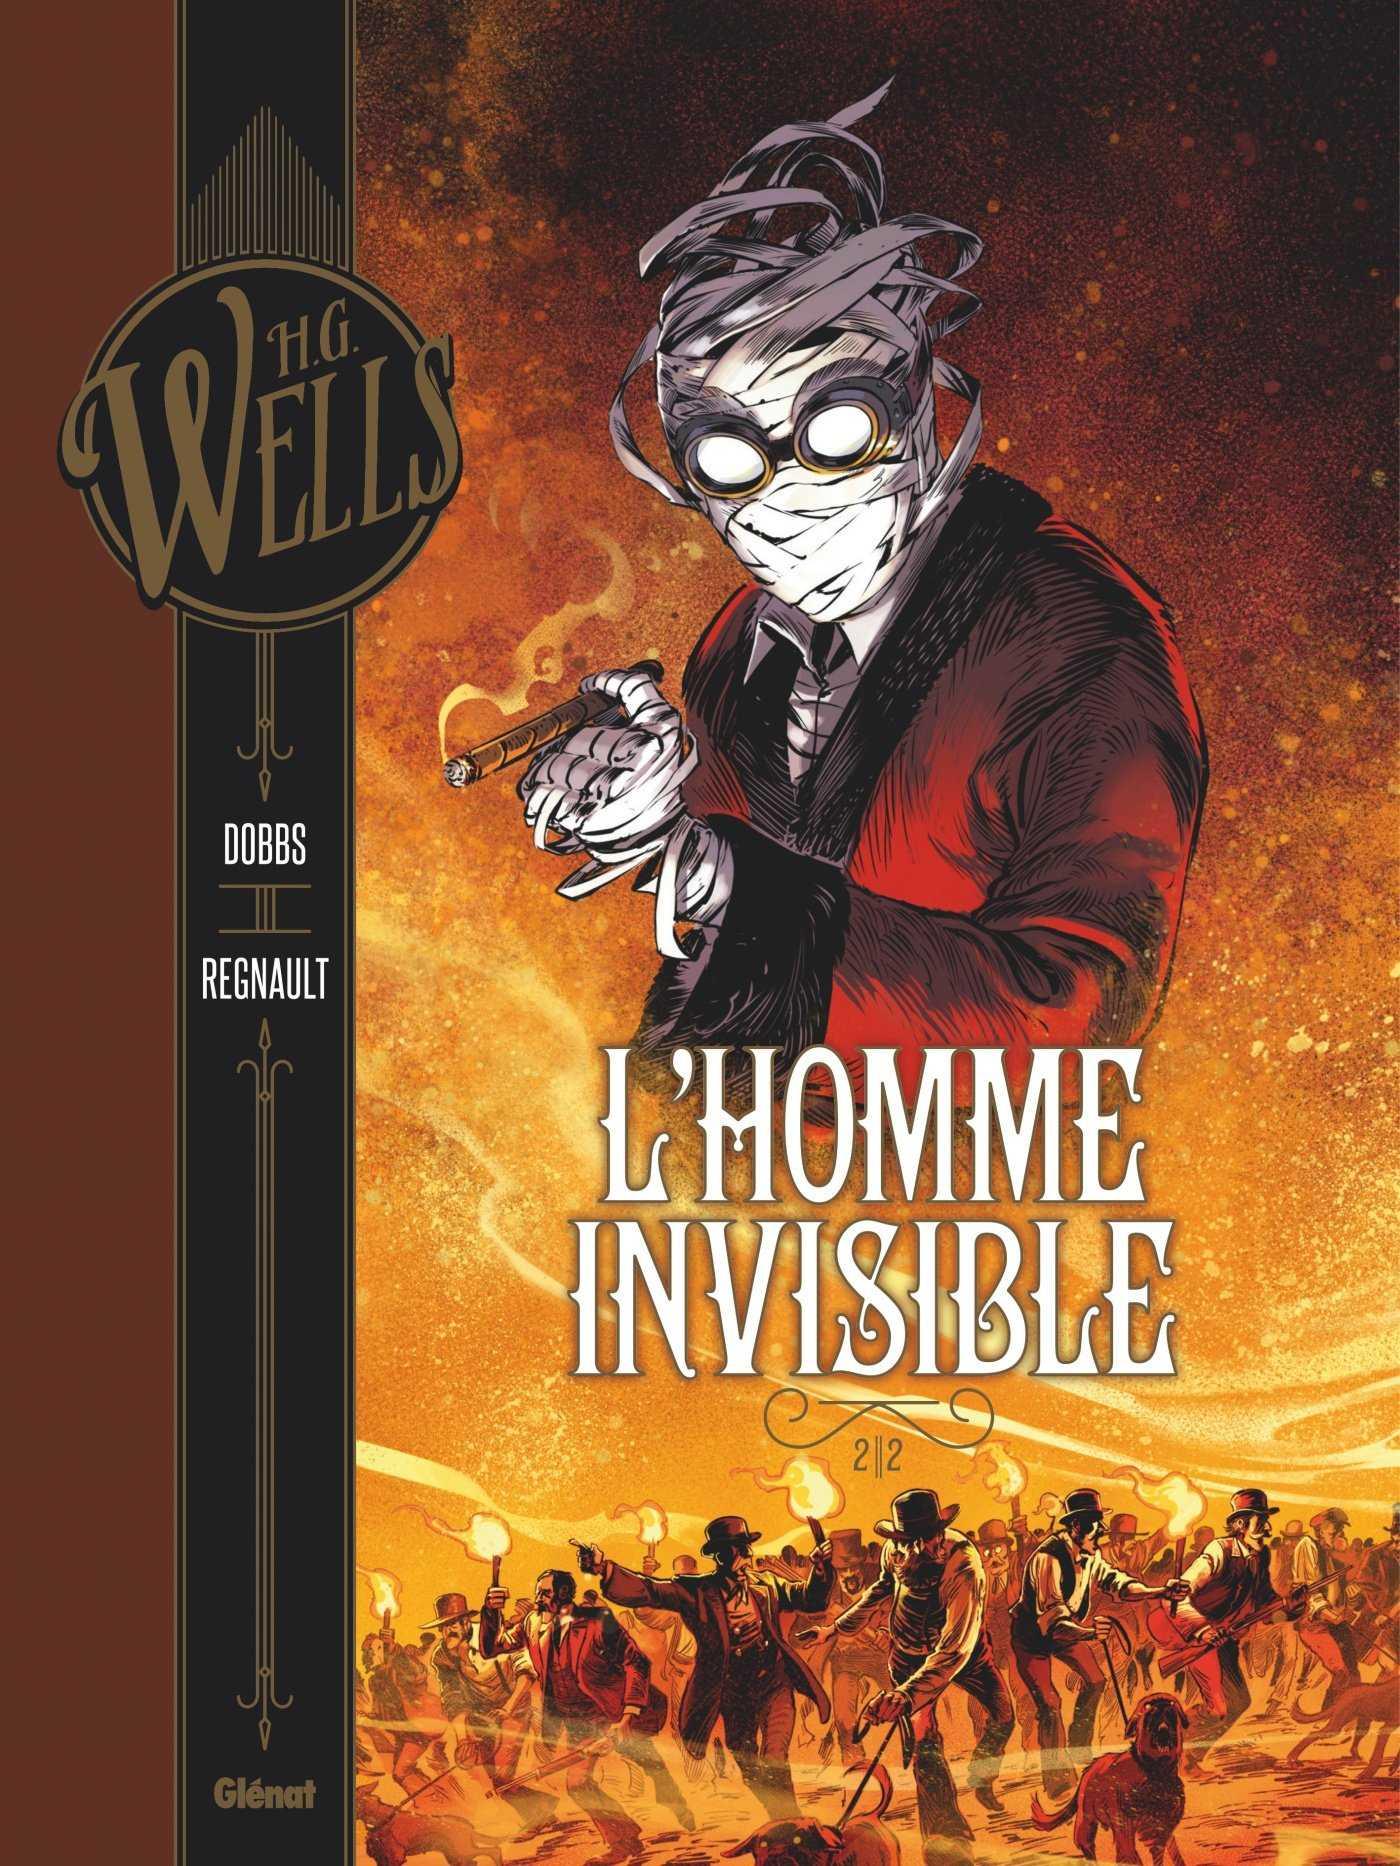 Homme invisible tome 2 et Docteur Moreau, la collection Wells s'étoffe